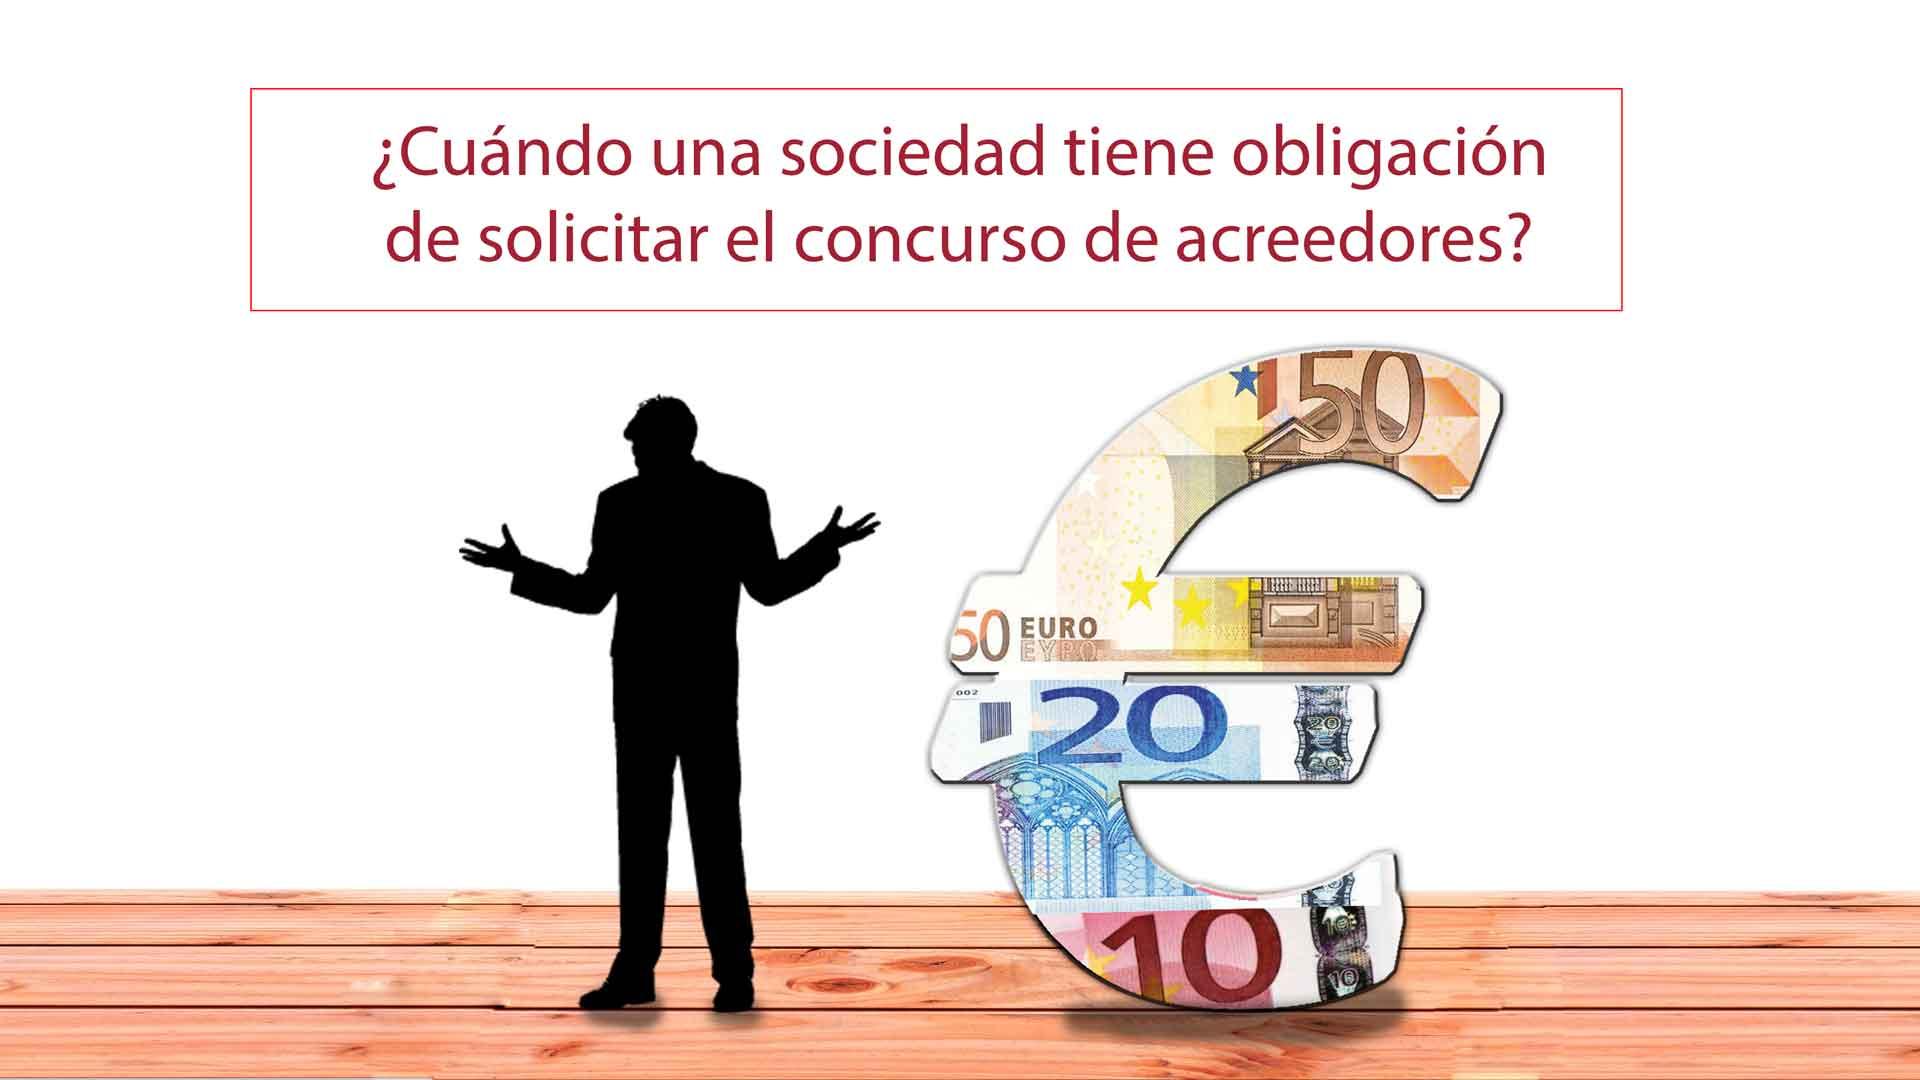 ¿Cuándo una sociedad tiene obligación de solicitar el concurso de acreedores?